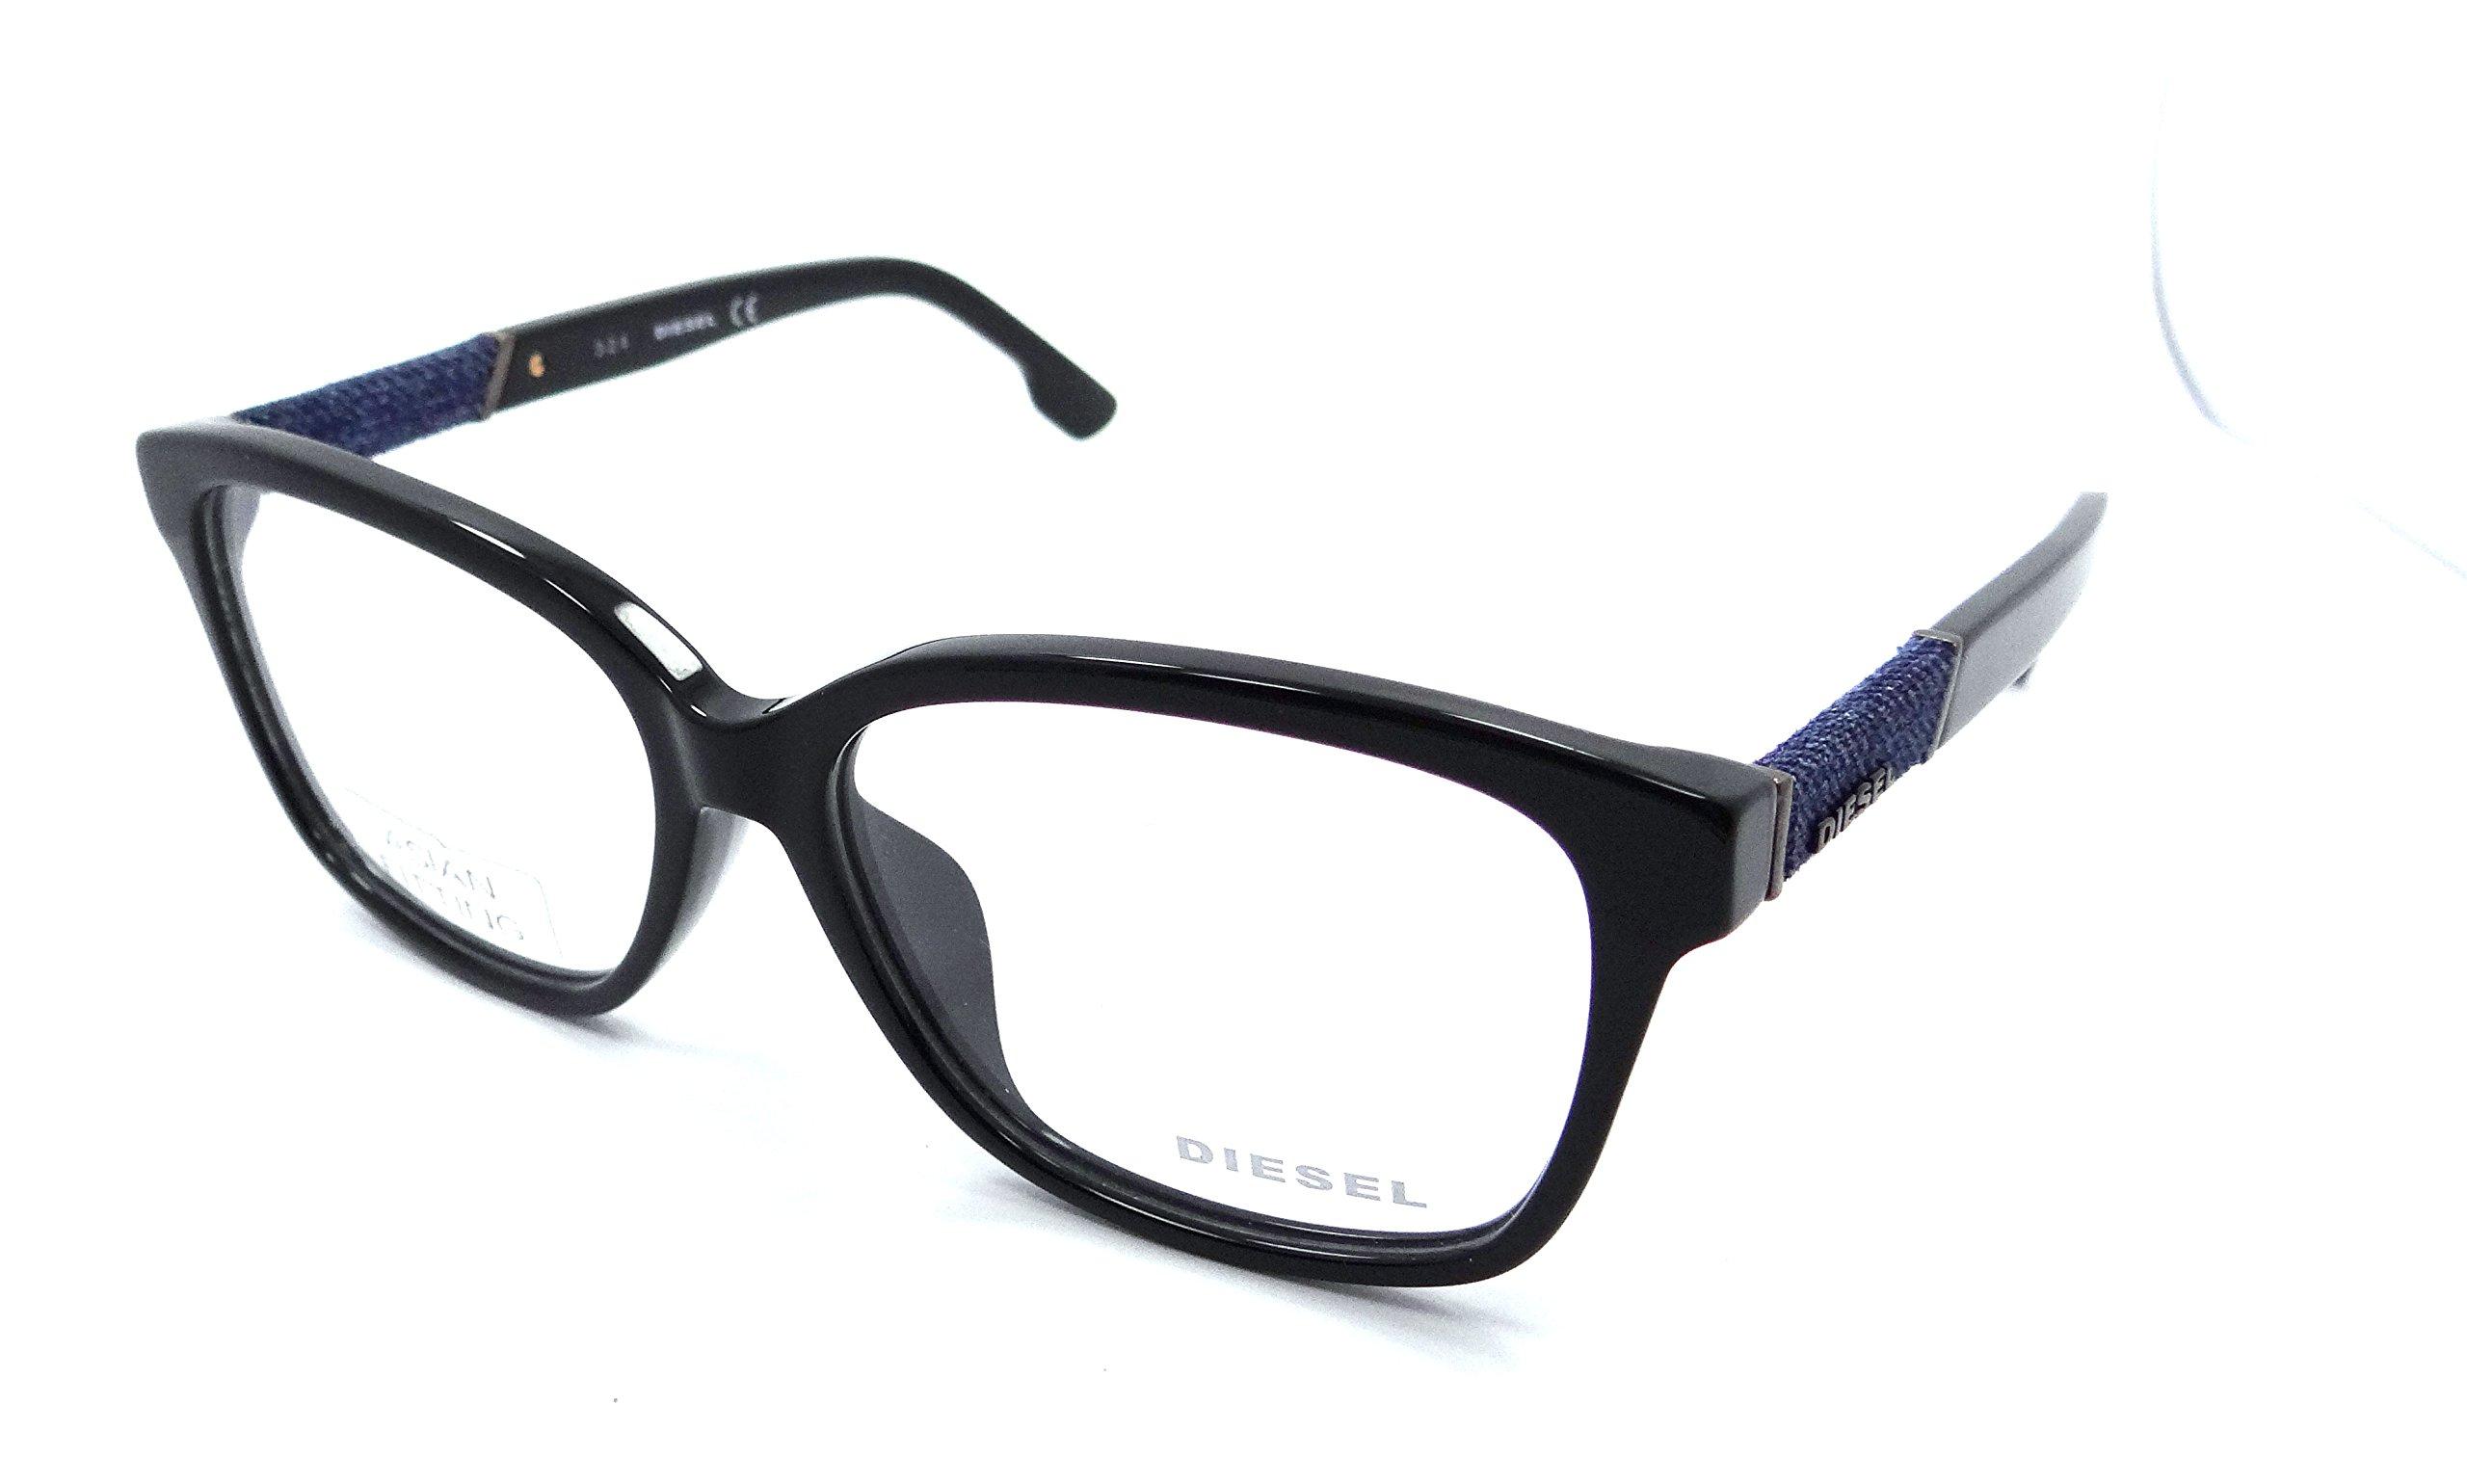 Diesel Rx Eyeglasses Frames DL5108-F 001 57-15-145 Shiny Black Asian Fit